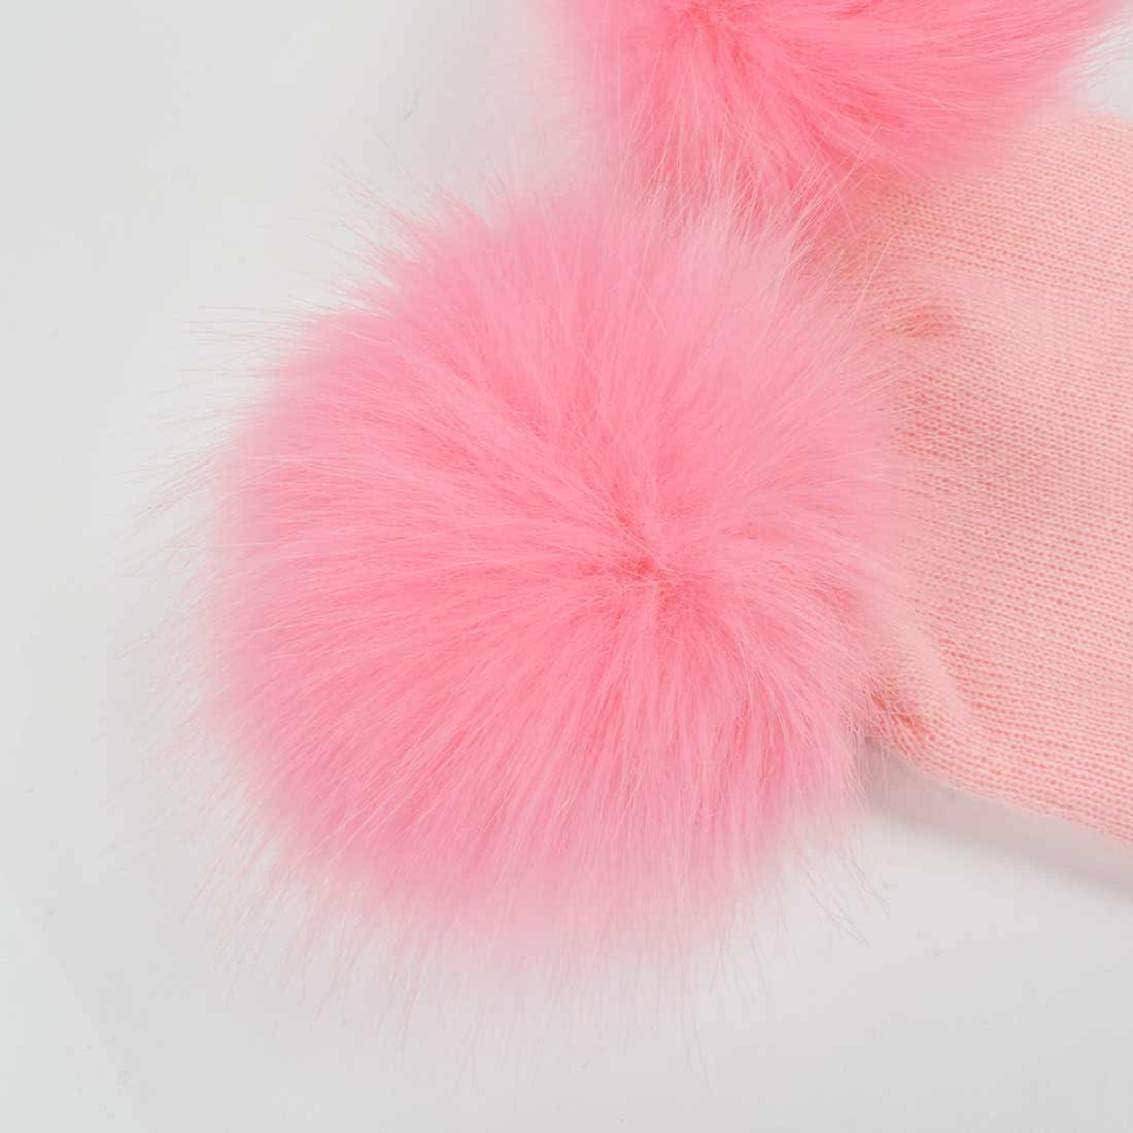 heekpek Cappello Neonato con PON PON 0-3 Anni Berretto A Maglia Bambino Inverno Autunno in Cotton Caldo Antivento Morbido per Ragazzo Ragazza Elegante Beanie in Cotone a Maglia